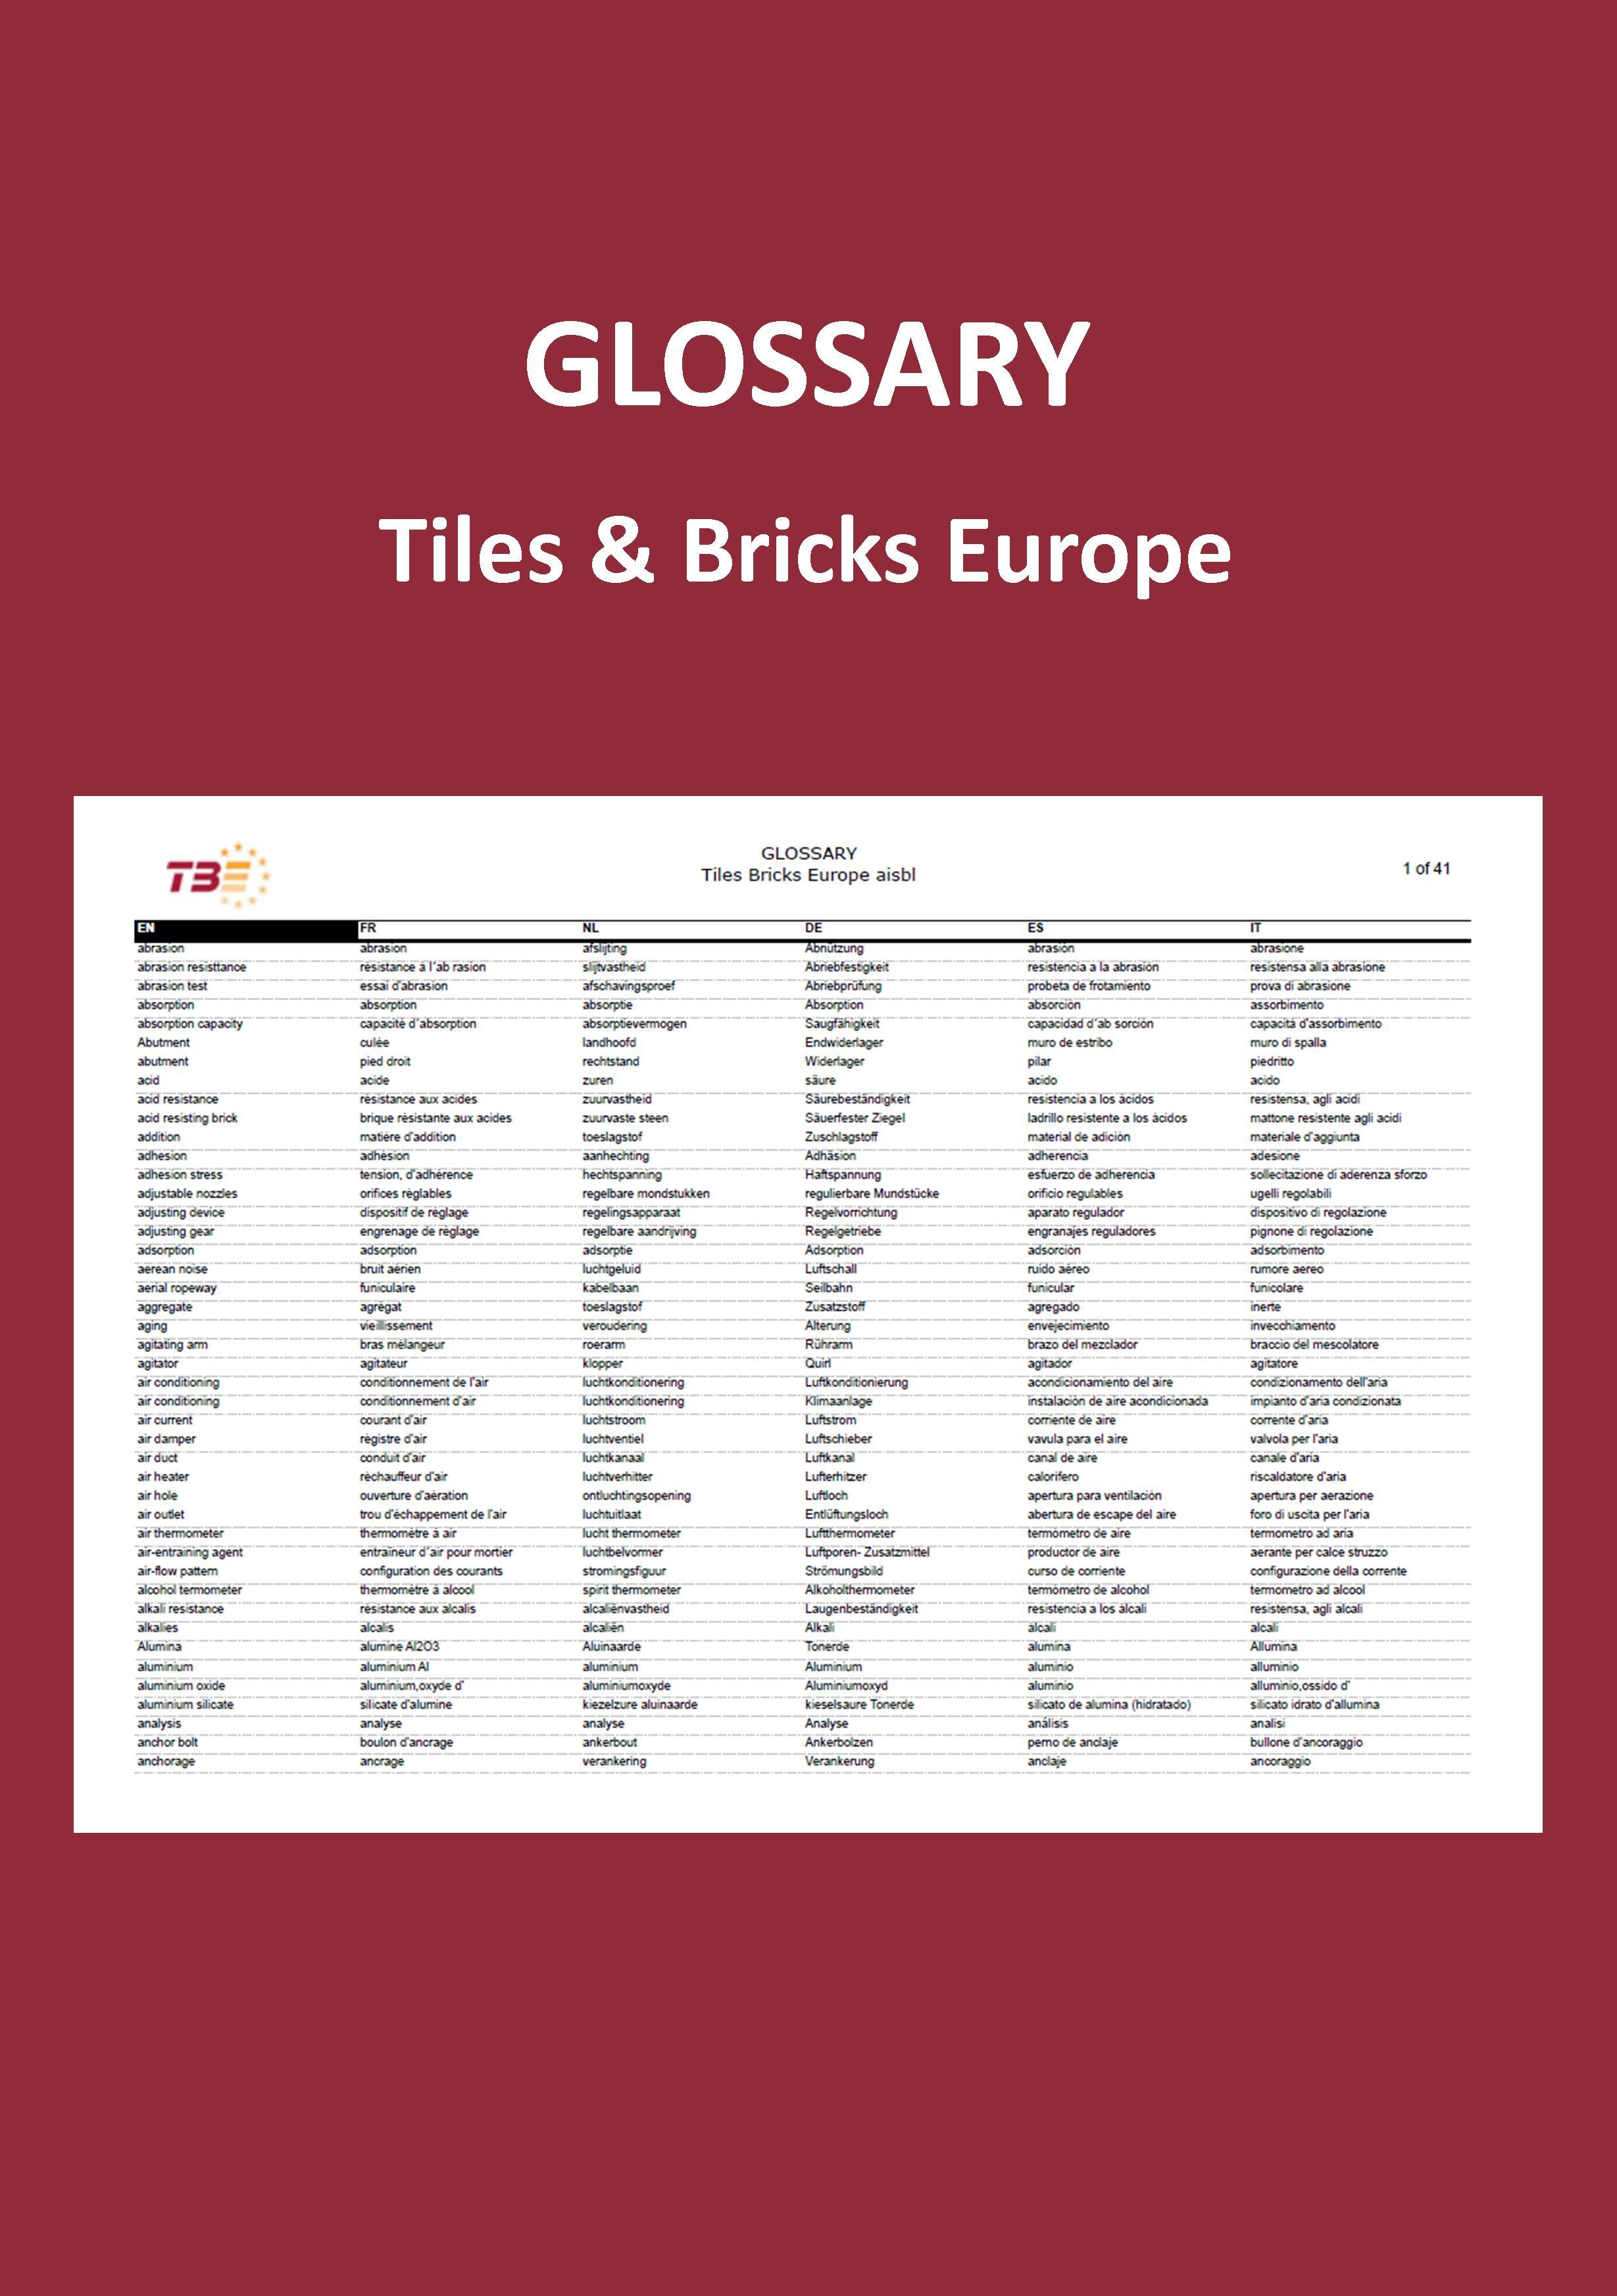 TBE Glossary (2008)